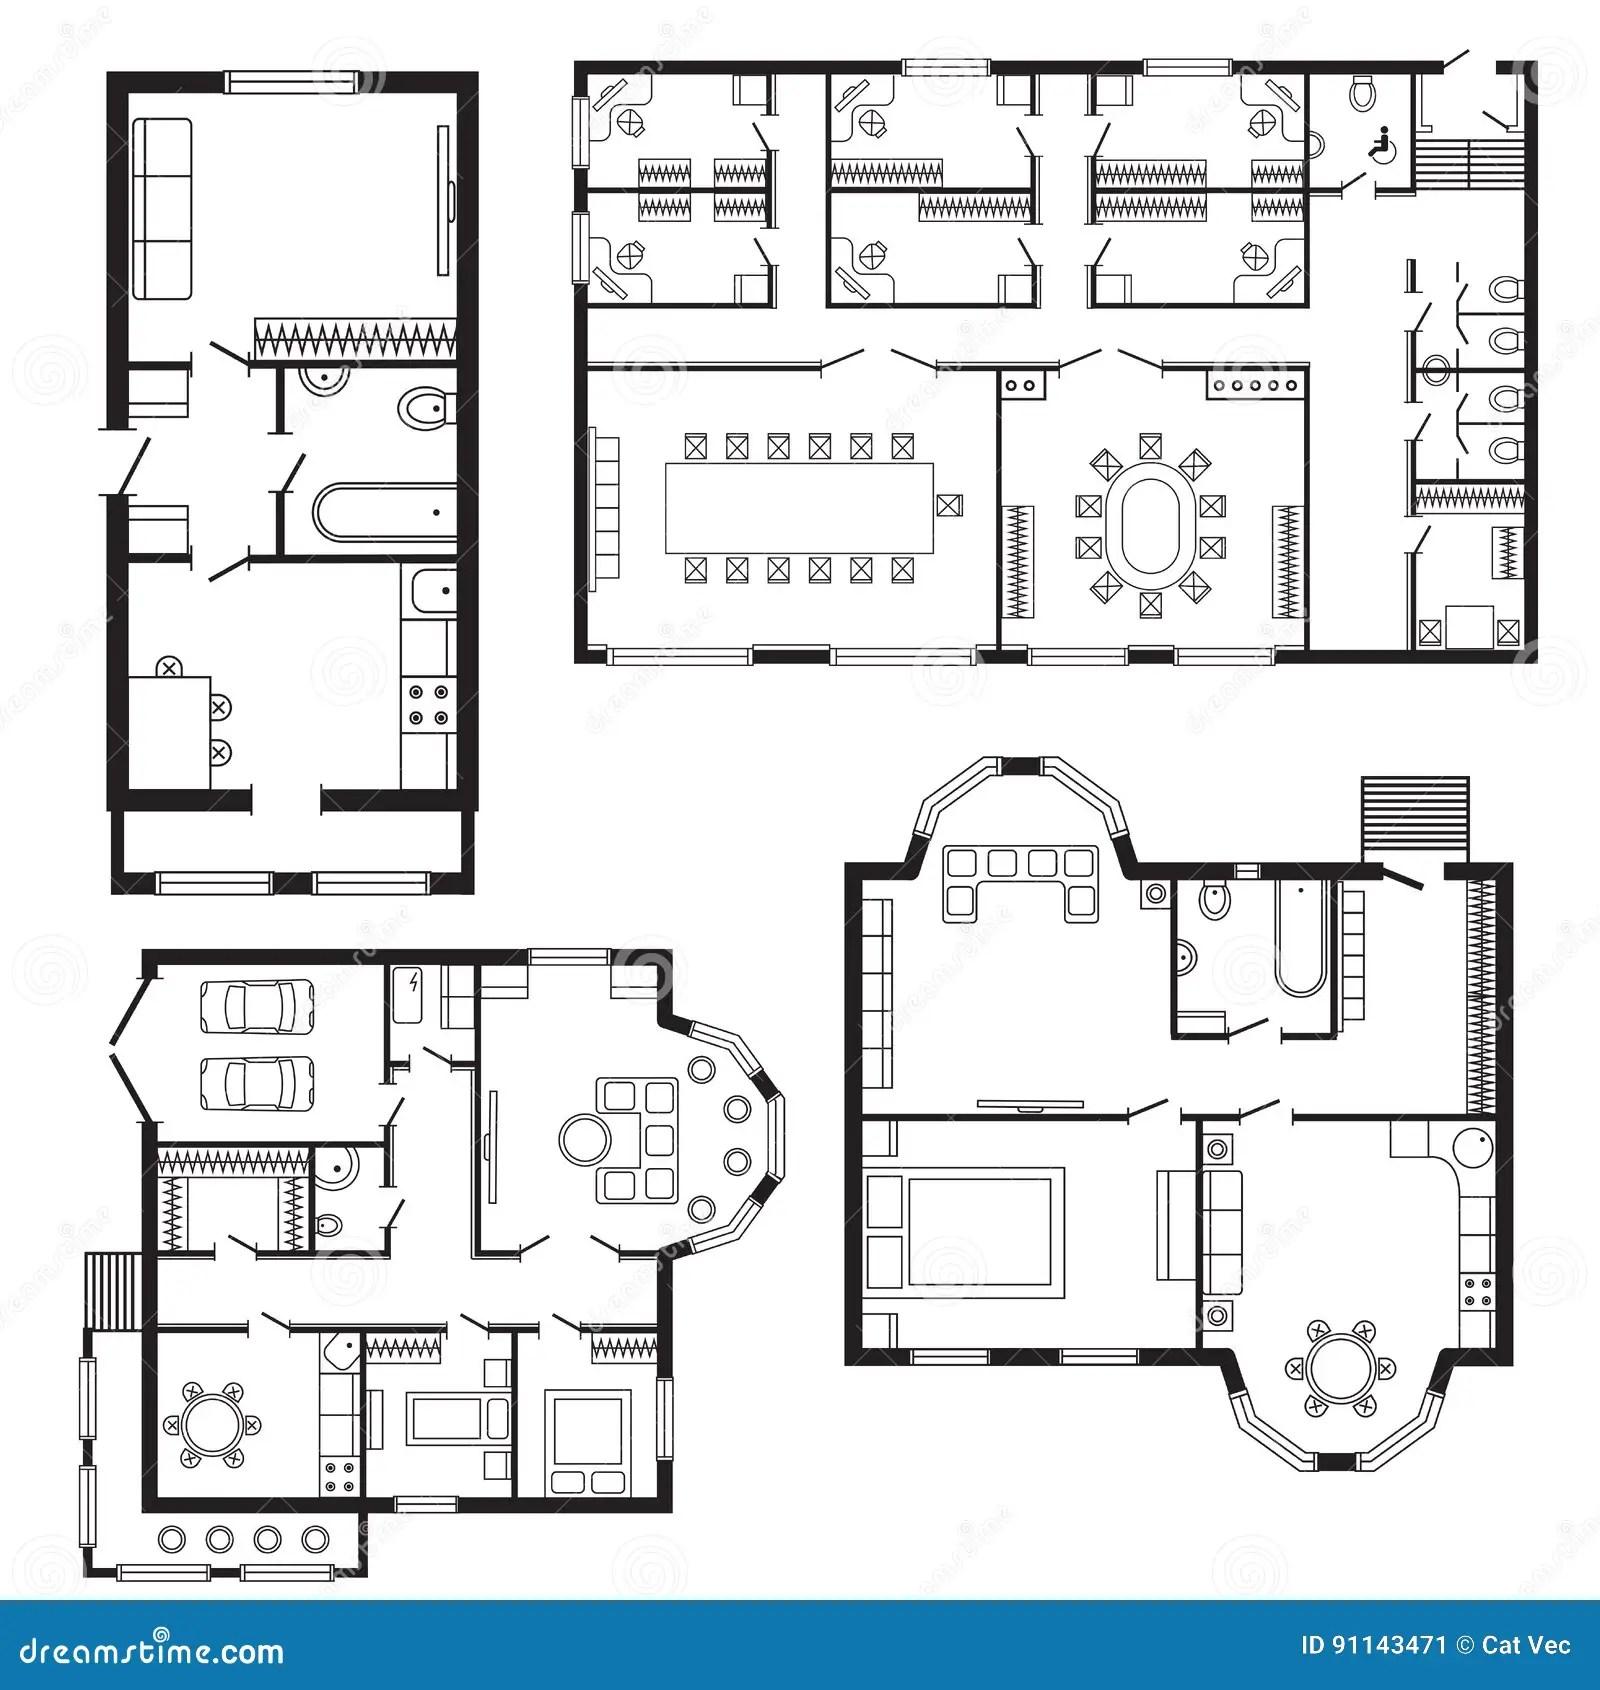 Los Muebles Del Plan Arquitectonico De La Oficina Y El Dibujo De Estudio Interiores Modernos De